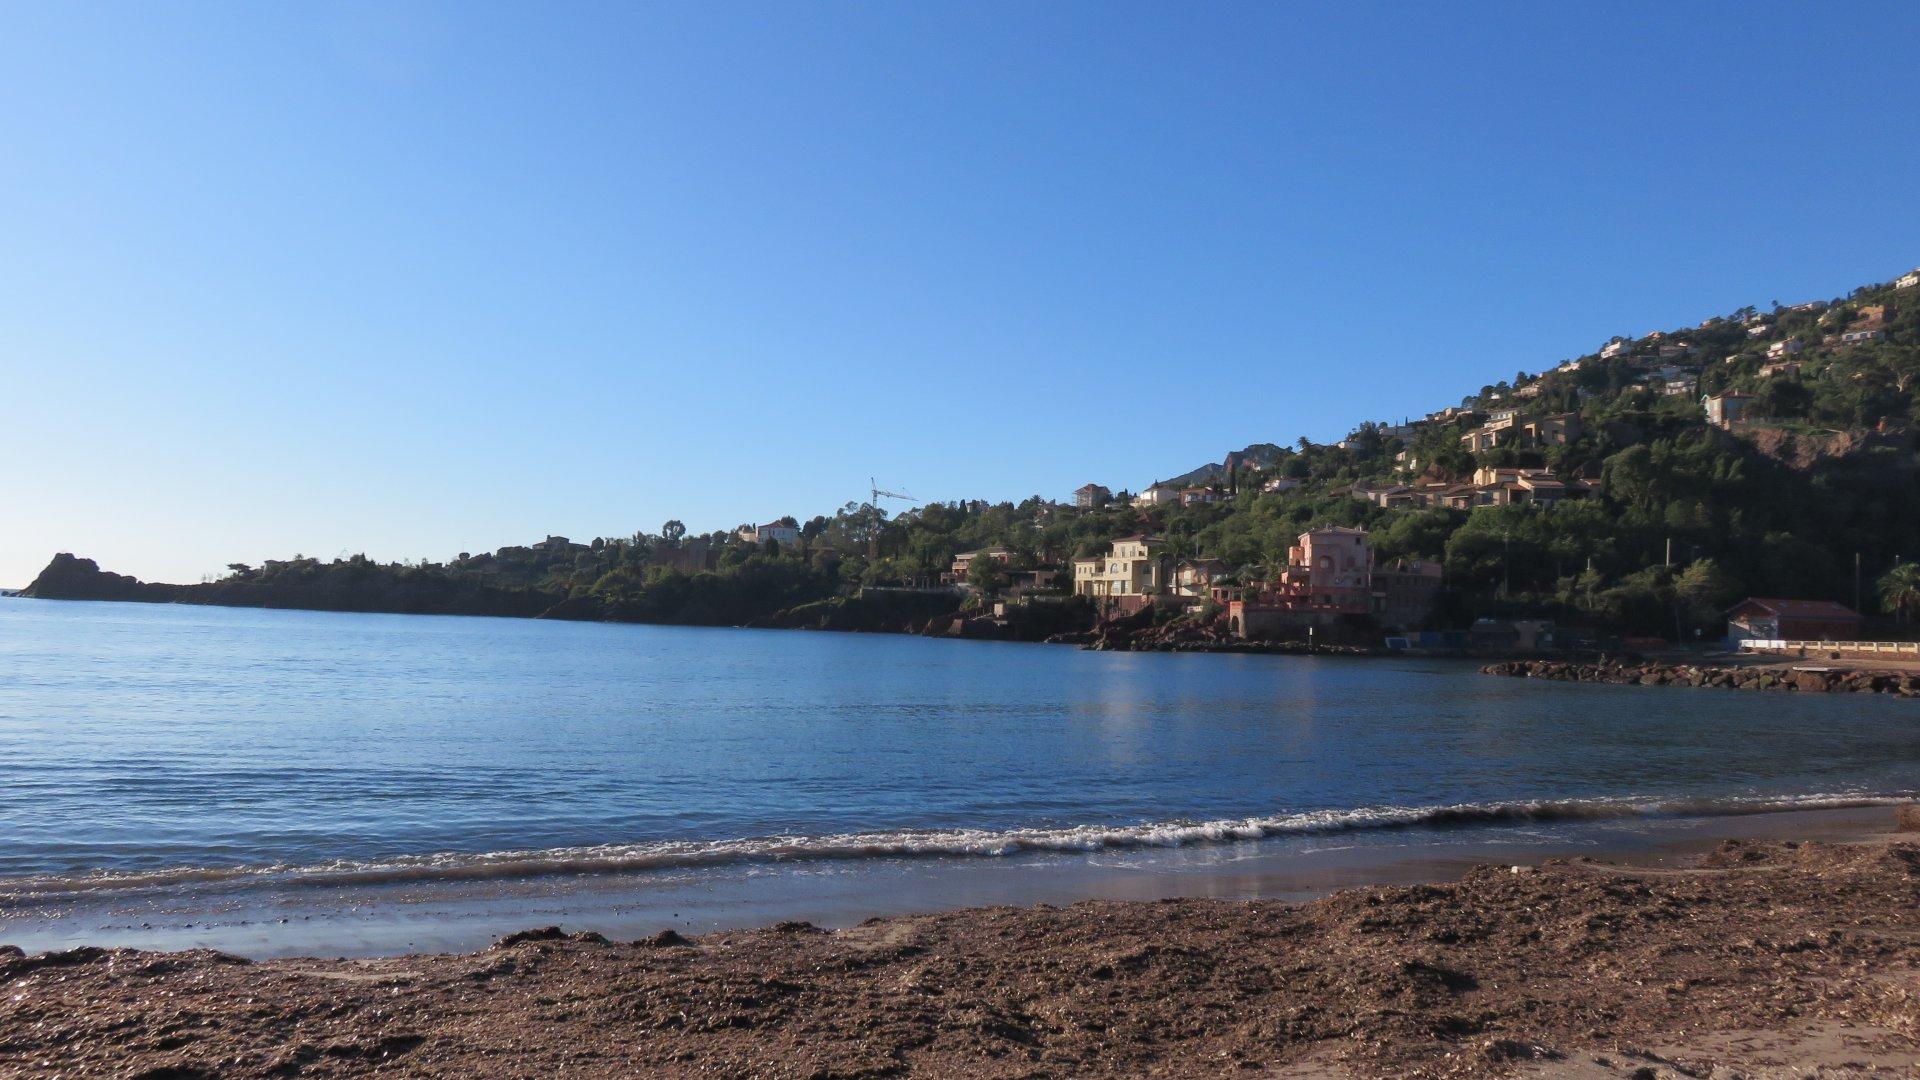 proche de la plage et du port